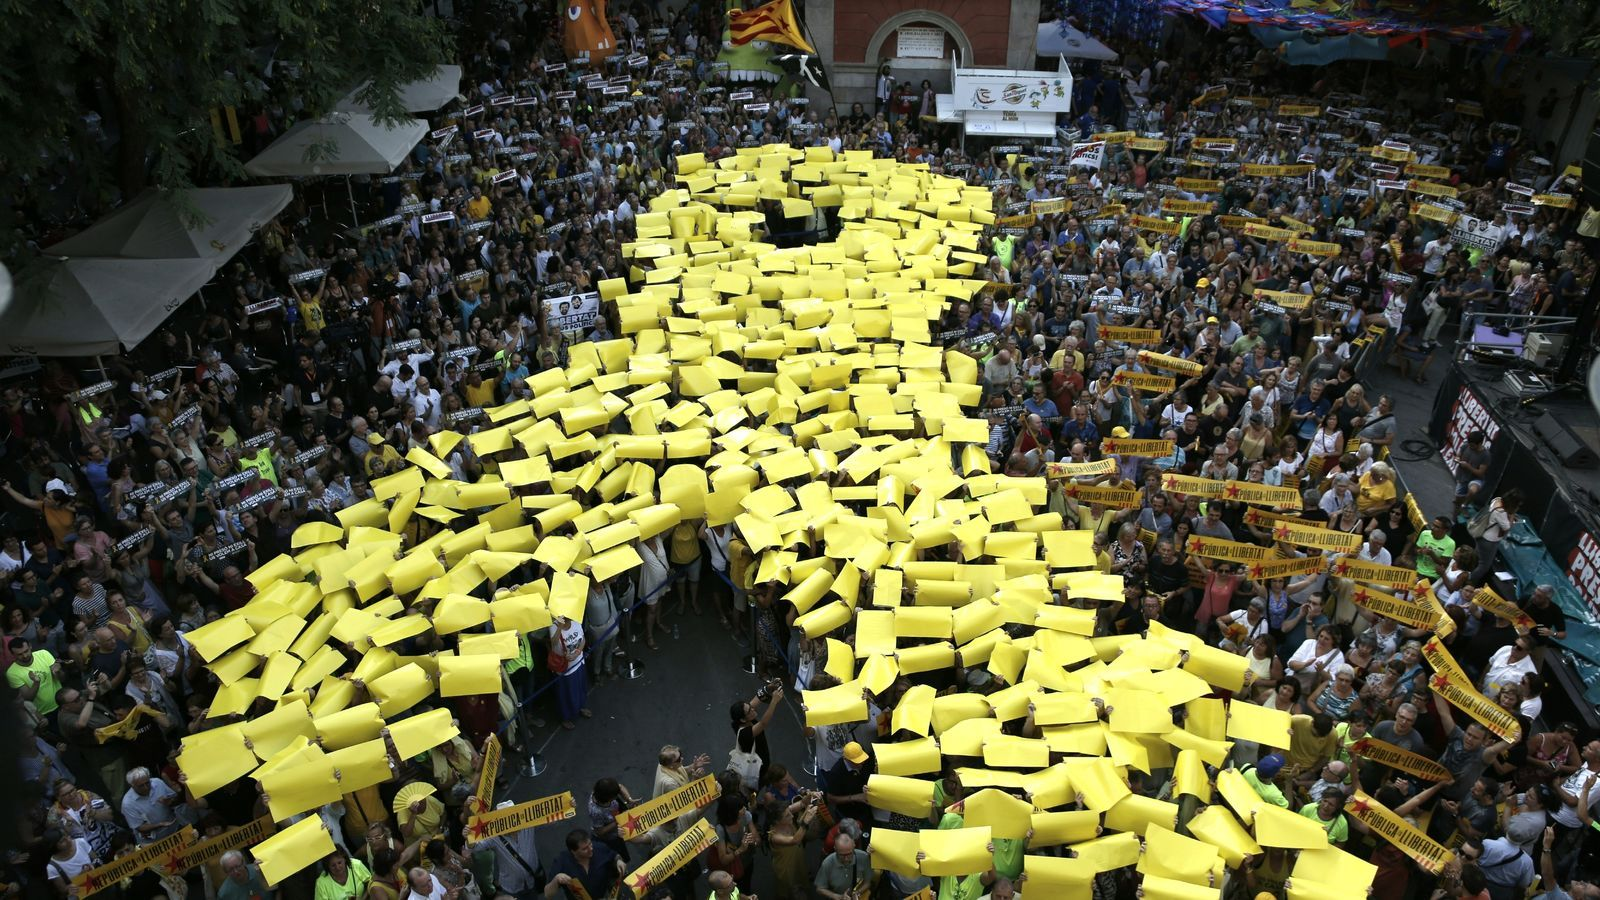 Mosaic d'un llaç groc a la Plaça de la Vila de Gràcia amb motiu dels 10 mesos d'empresonament dels Jordis